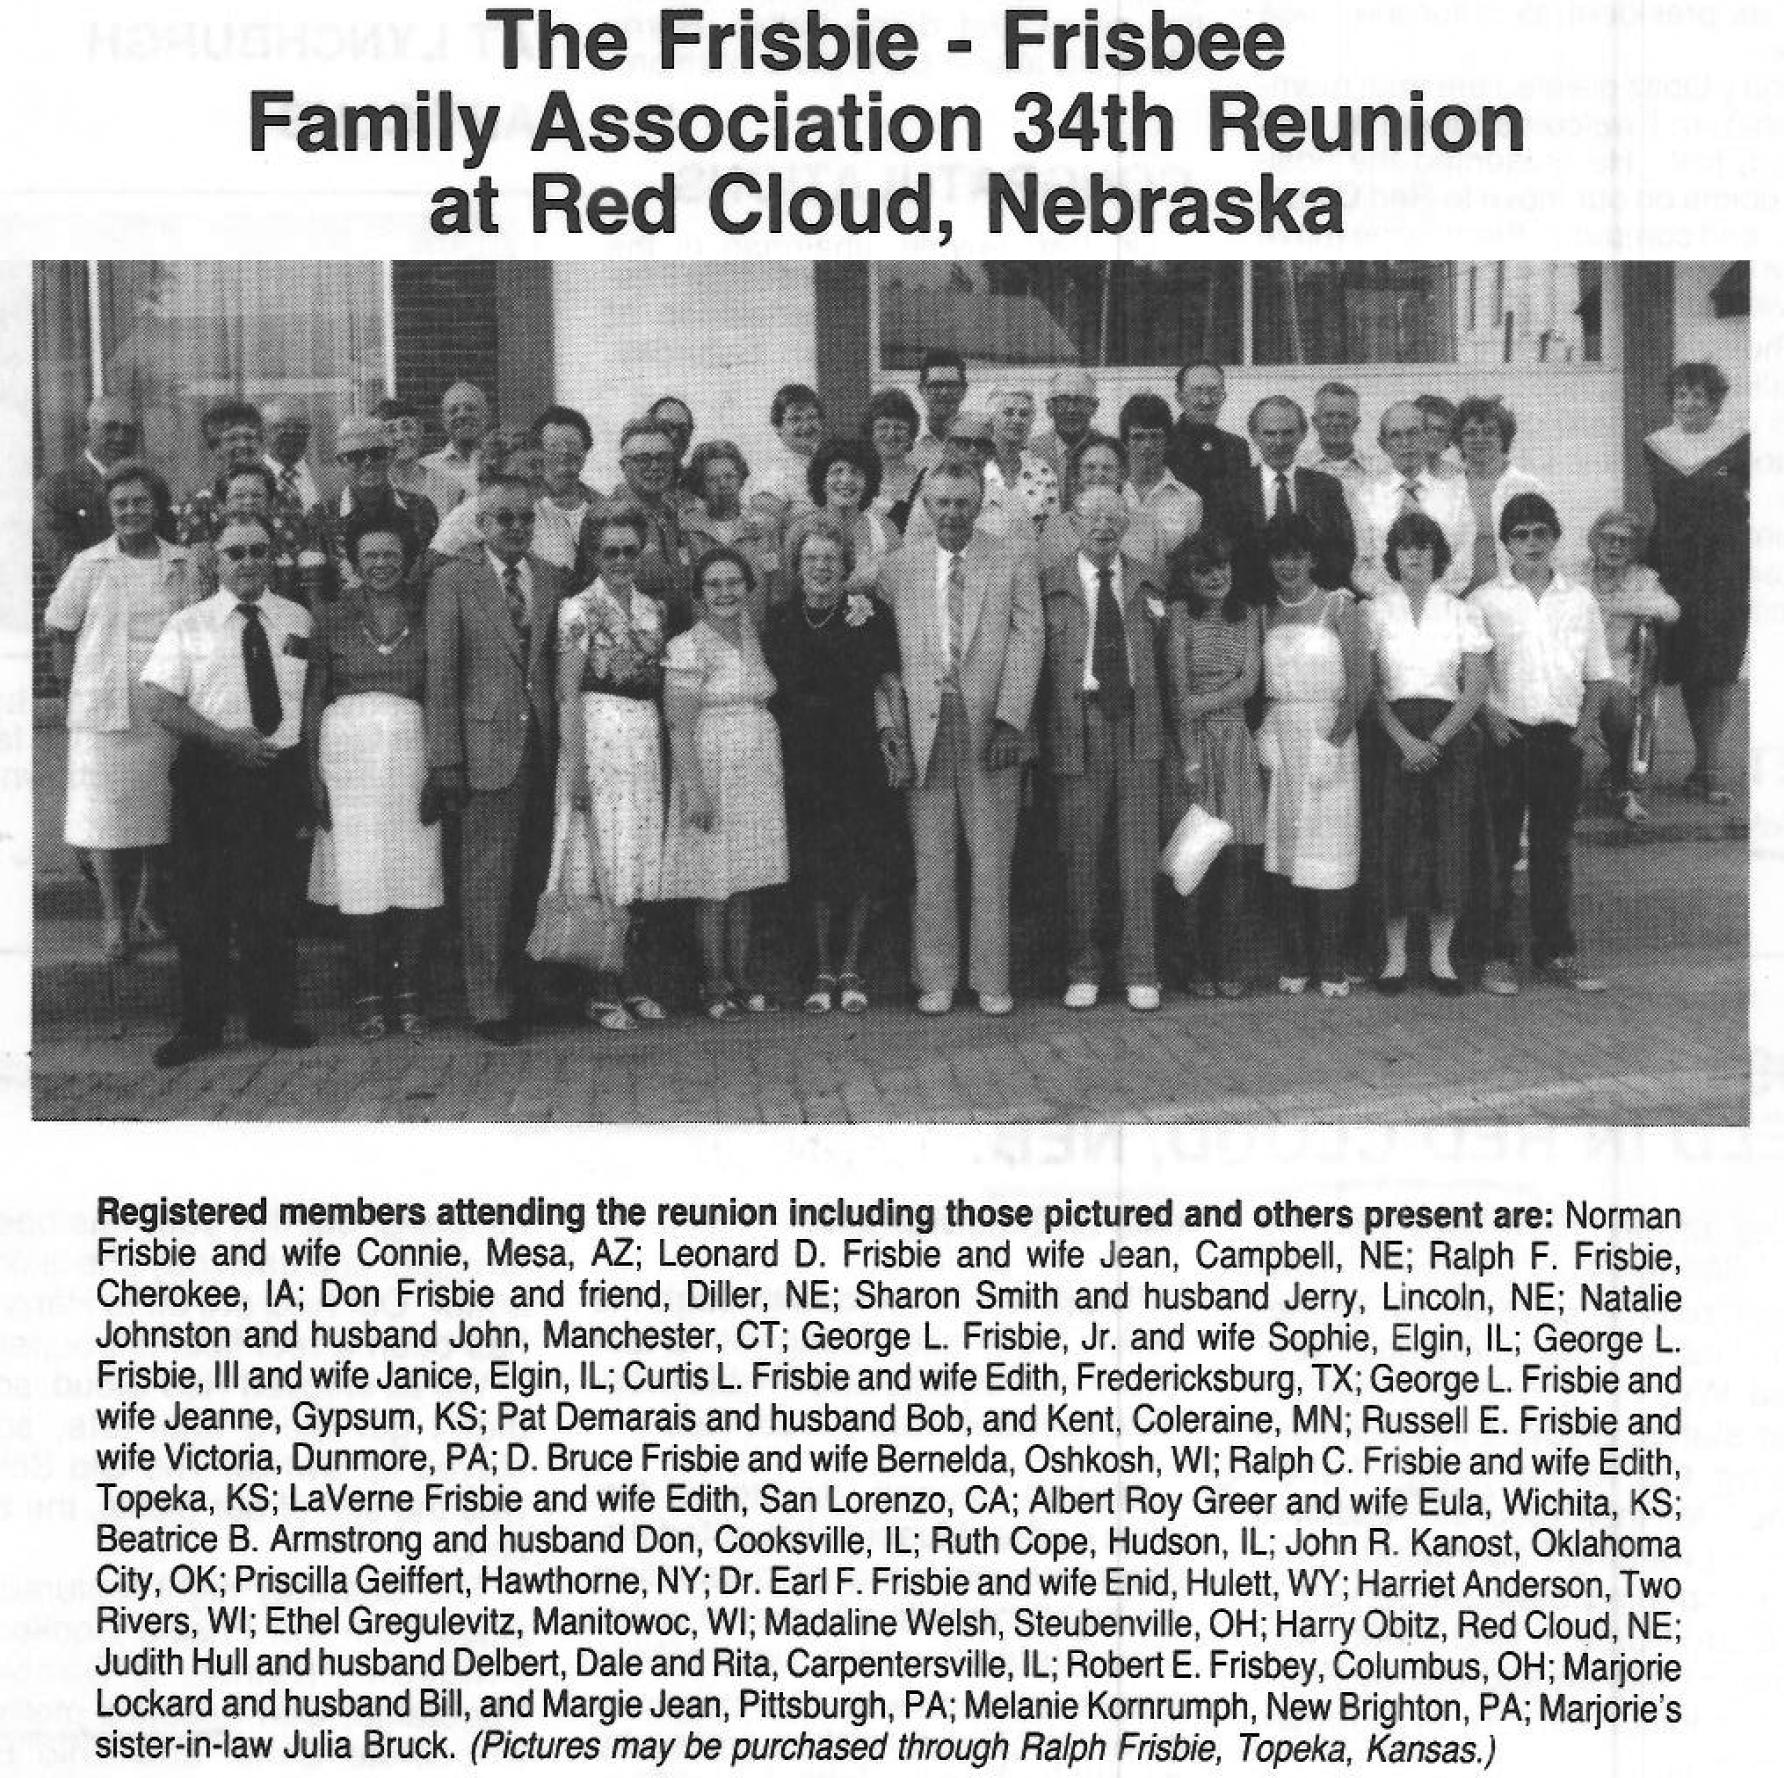 1984 FFFAA Reunion Red Cloud NE